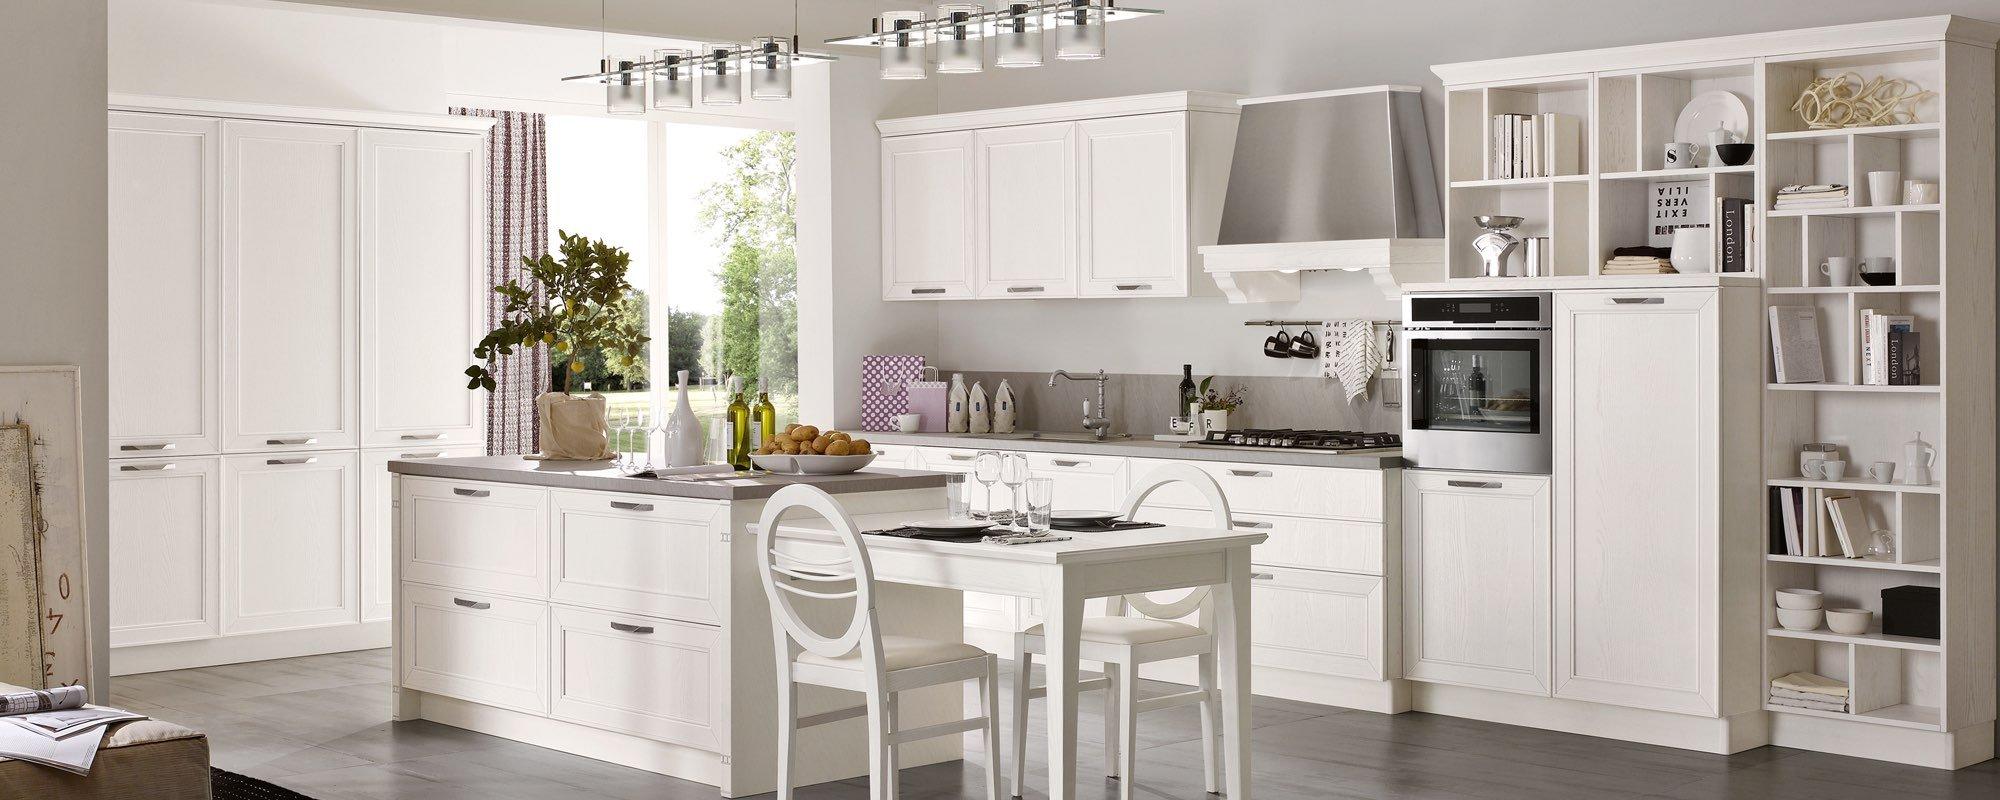 vista angolare di una cucina moderna in legno compatta  e arredamento- MAXIM